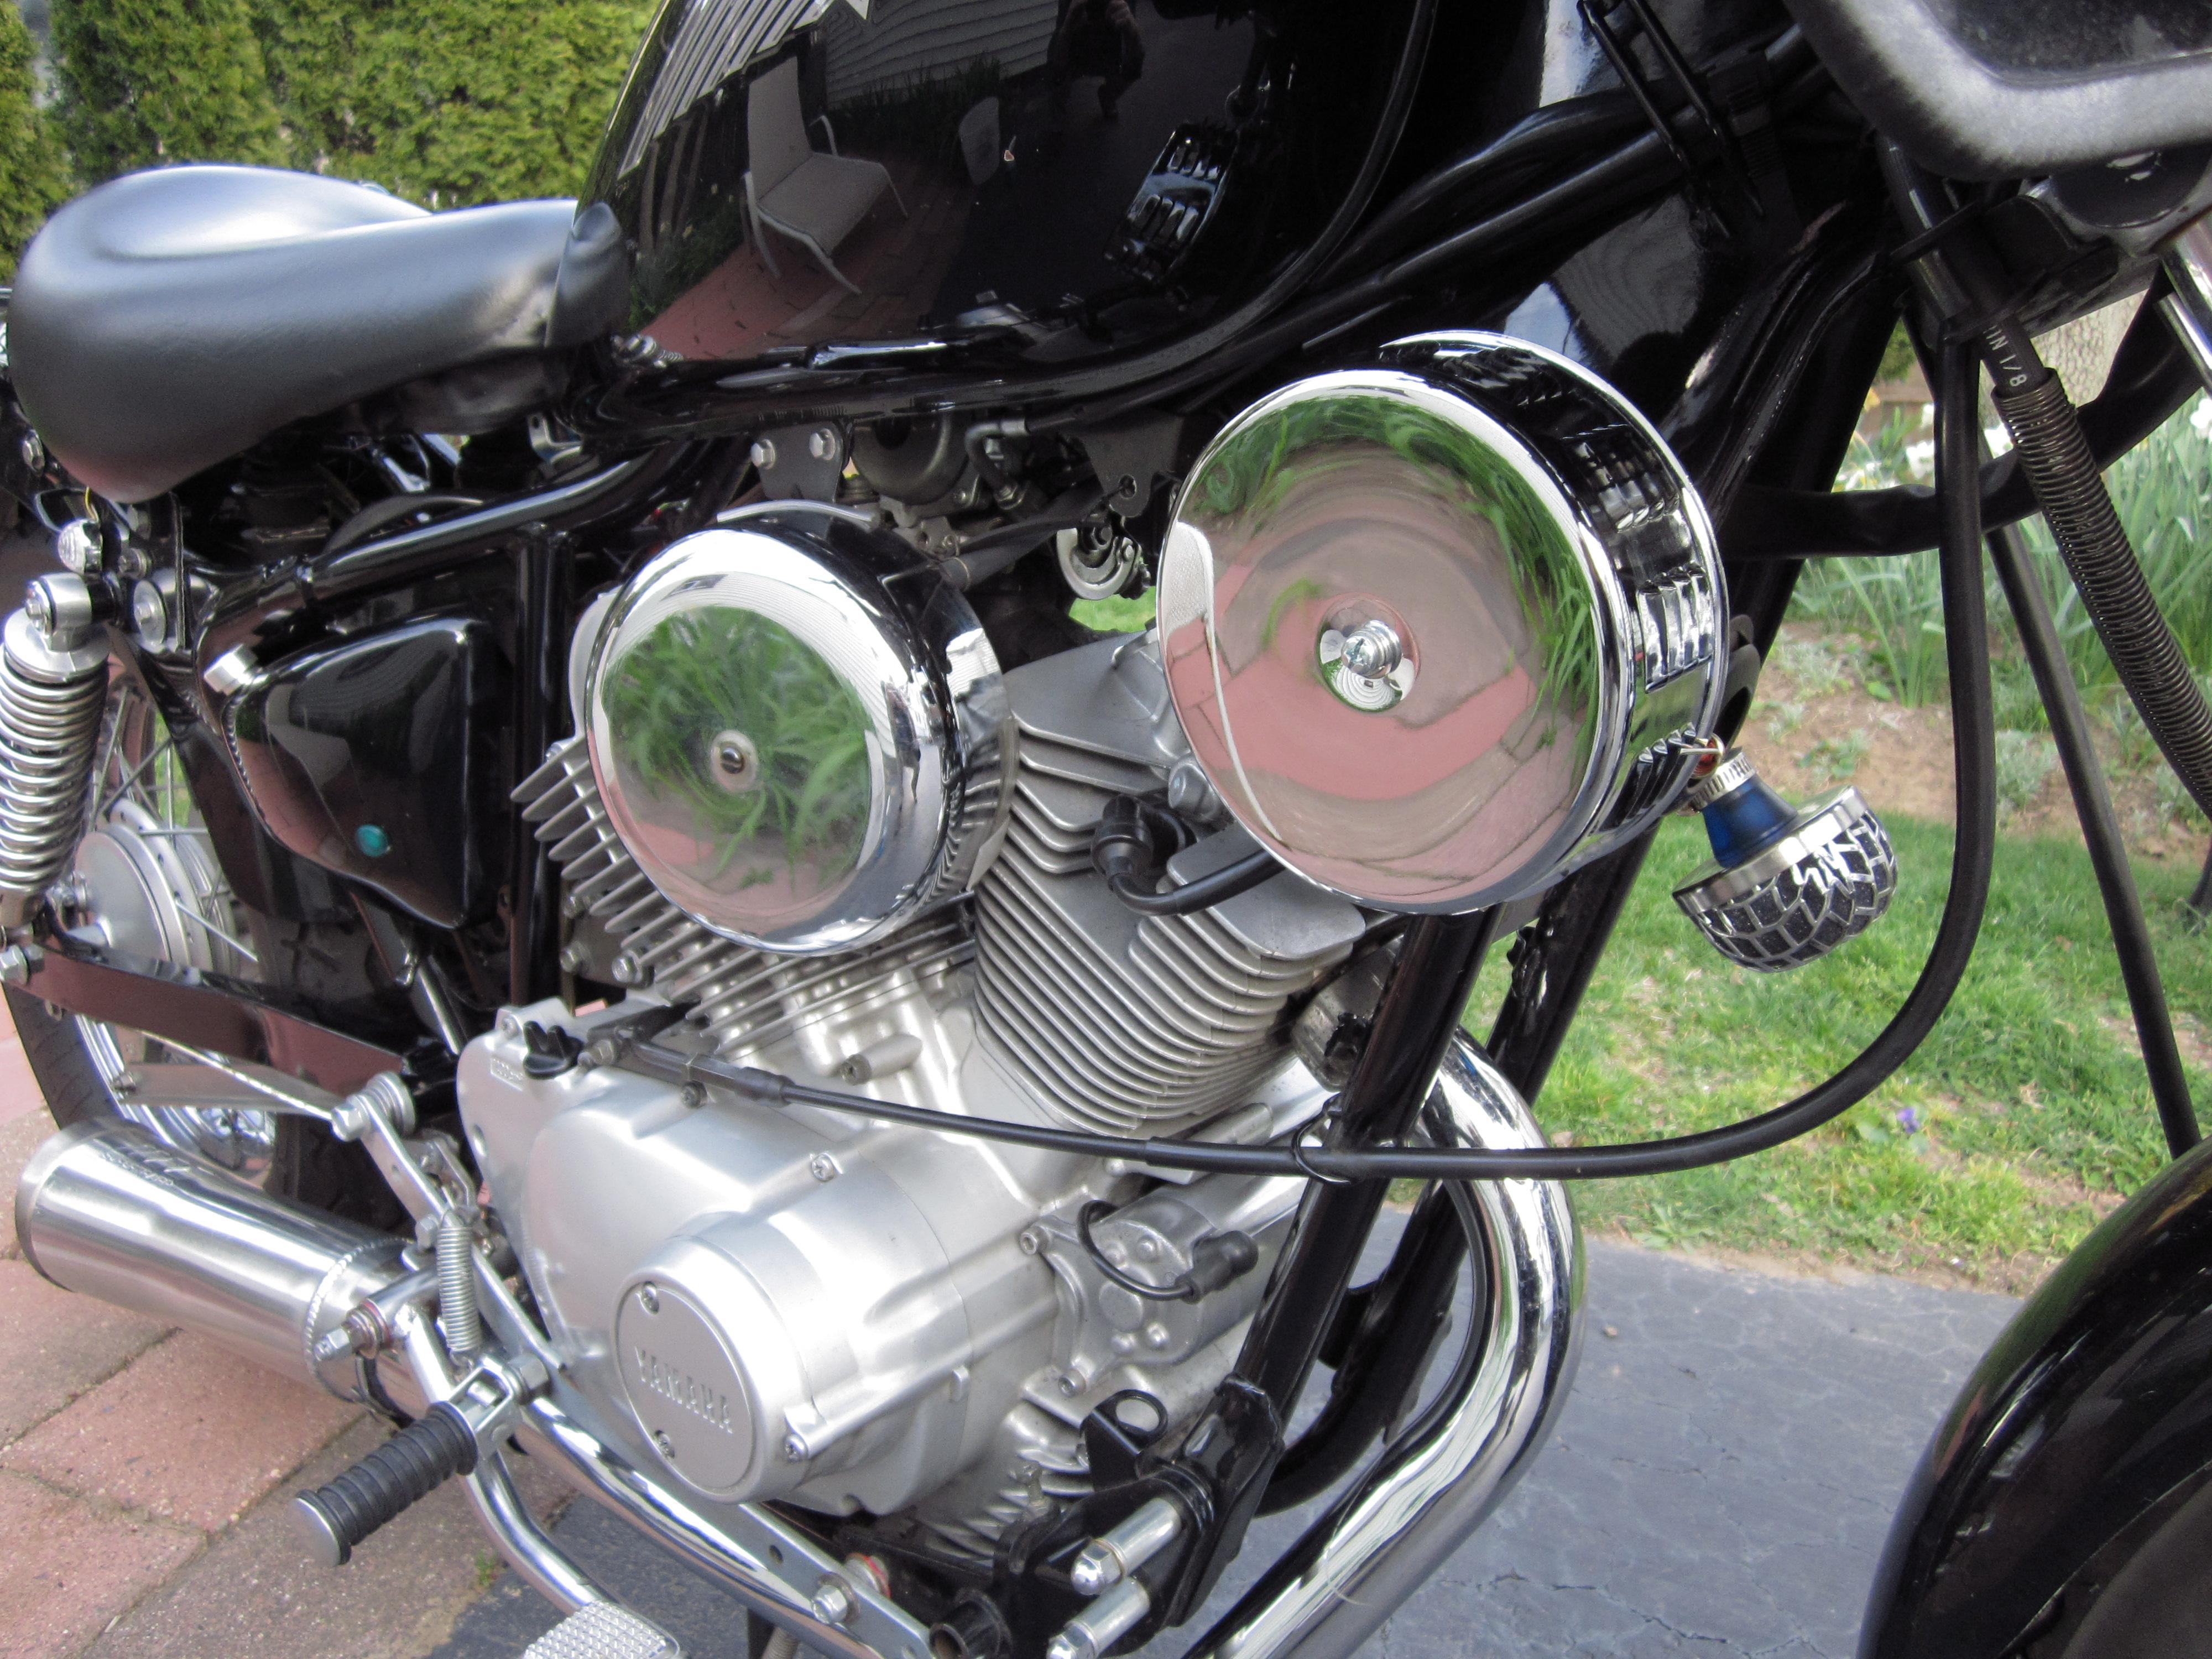 Kawasaki Air Filter Conversion Kit